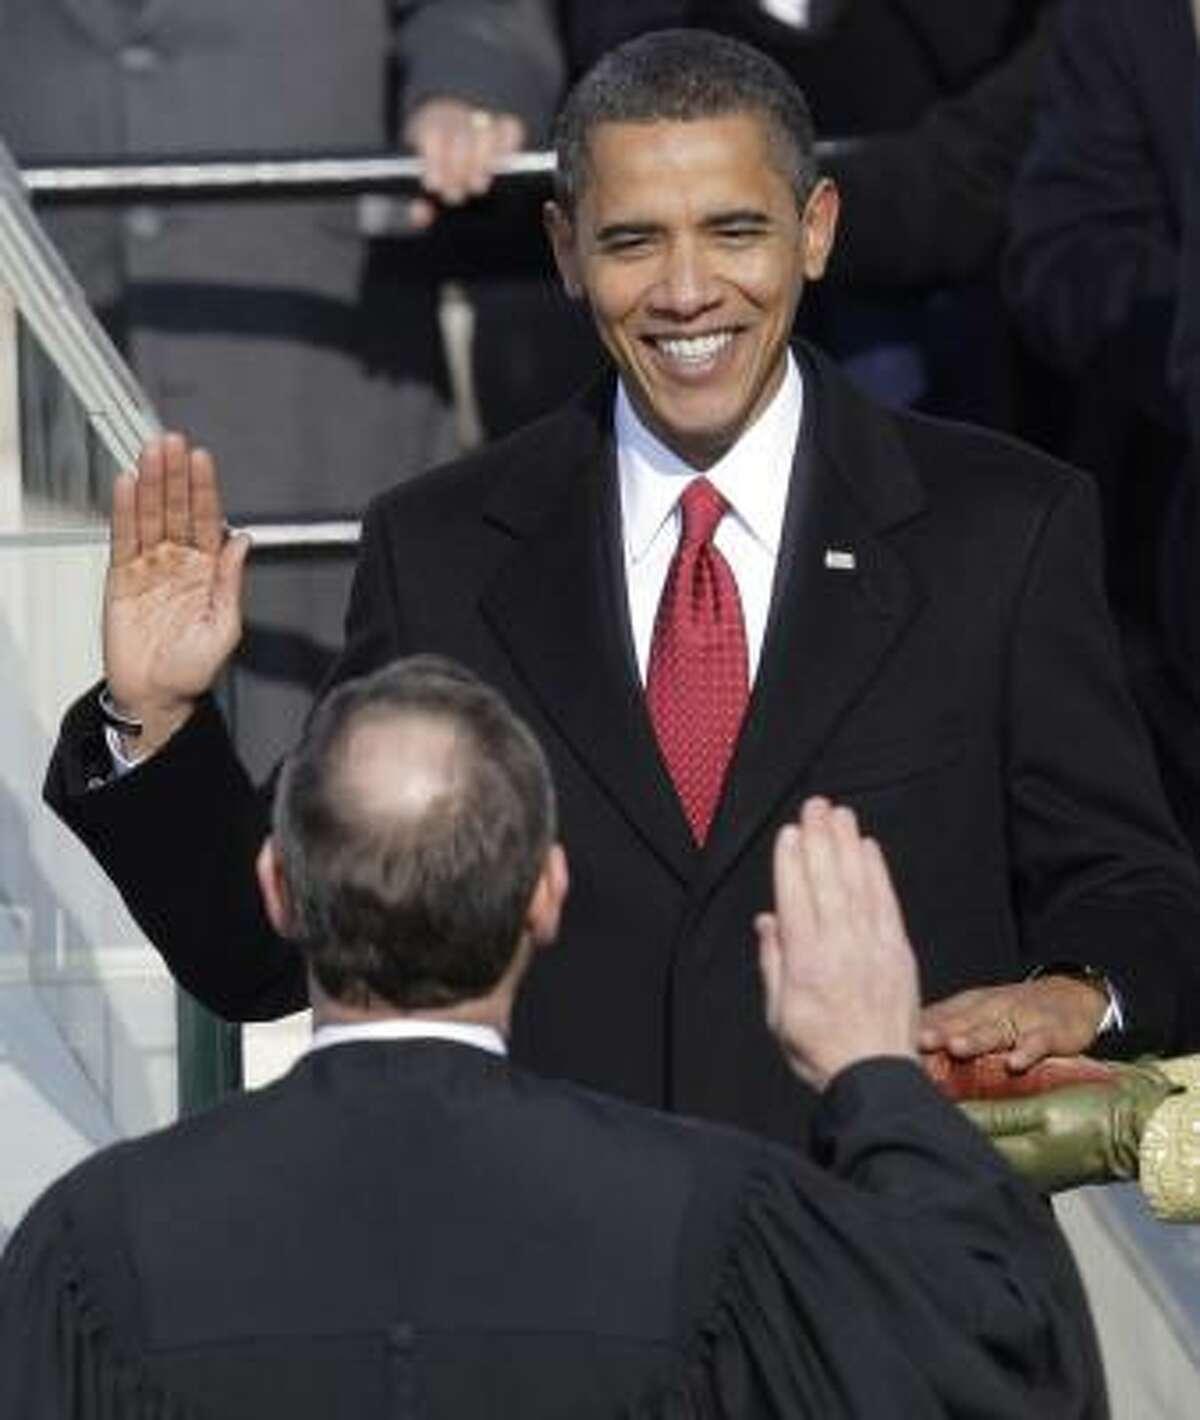 Obama presta juramento ante el magistrado John Roberts, de la Corte Suprema de Justicia.